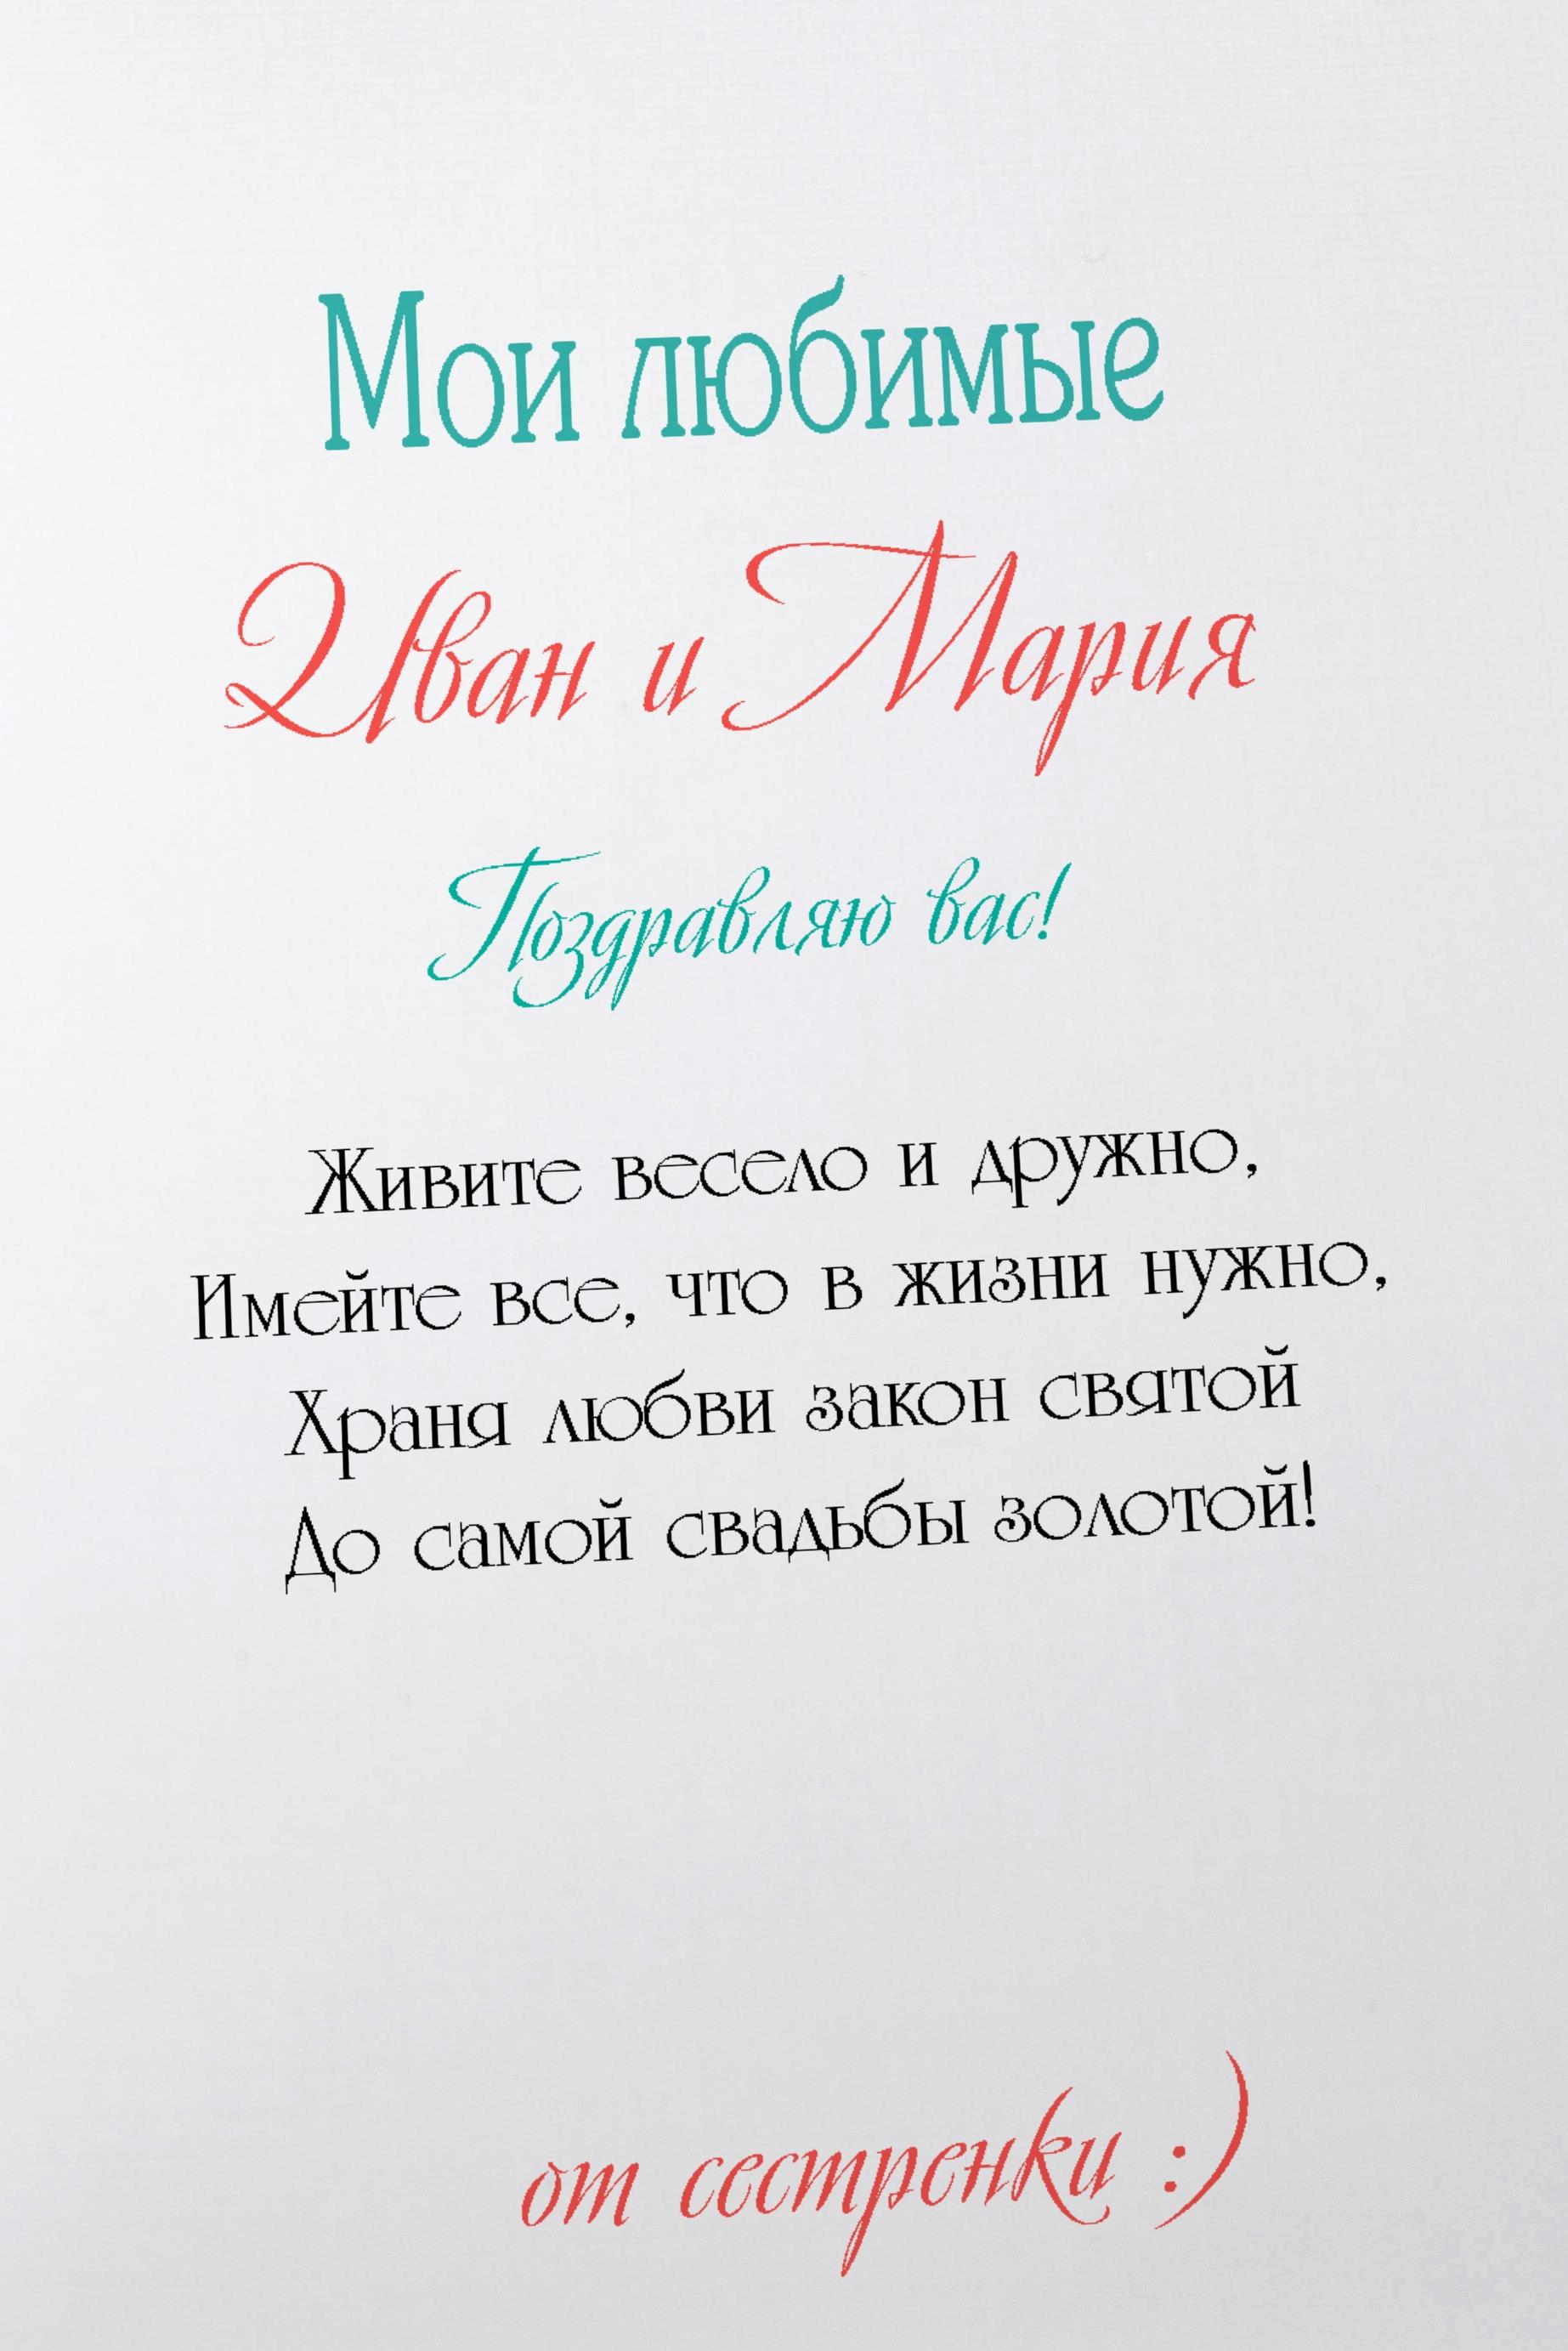 Подпись к поздравлению на свадьбу 15